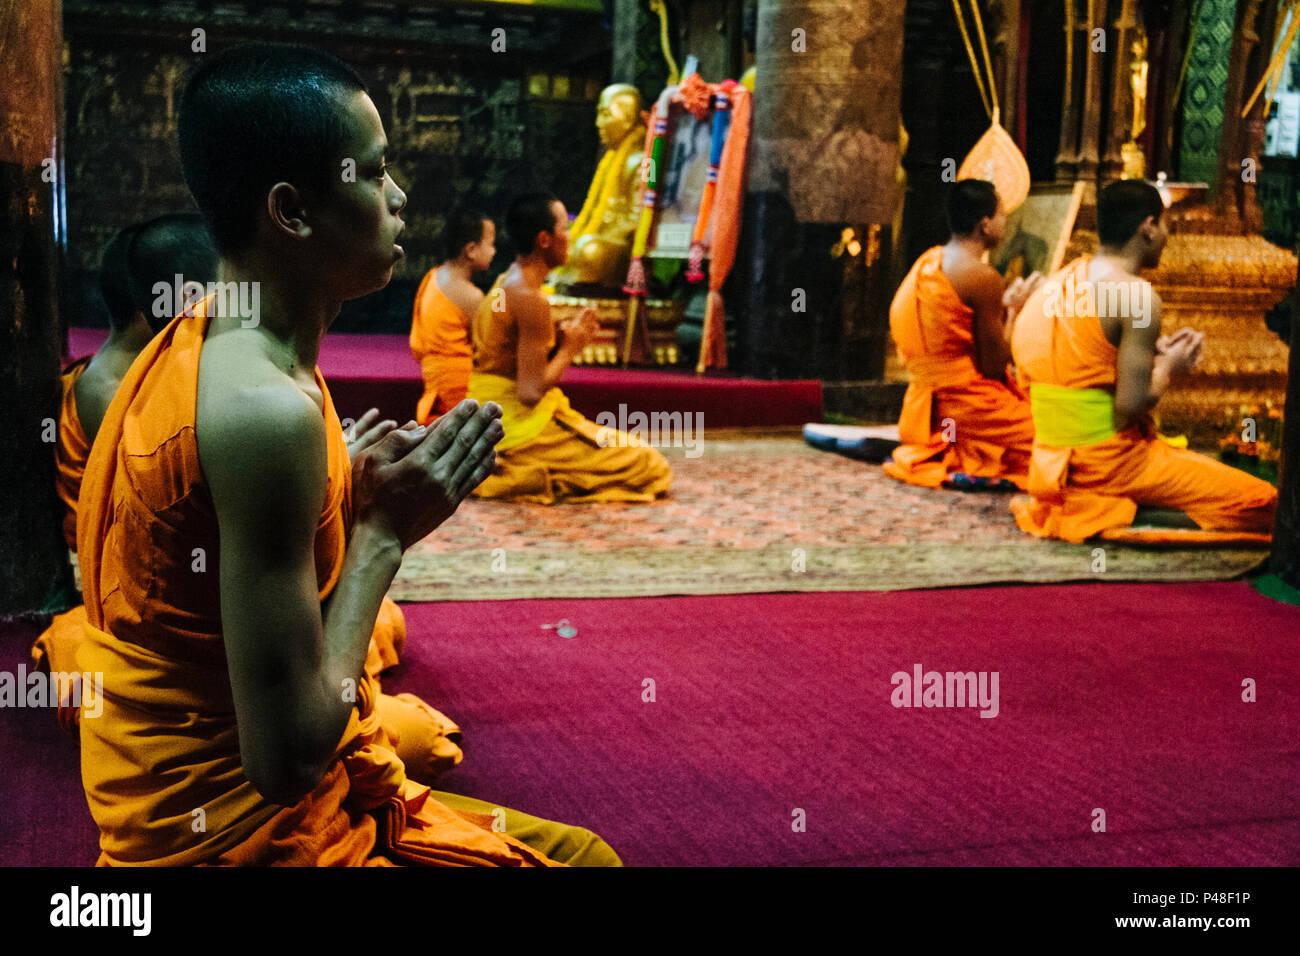 Luang Prabang o Louangphabang, Laos, sud-est asiatico : laotiano i monaci buddisti pregano all'interno di Wat Mai Suwannaphumaham, o Wat mai costruito nel 1750 e l l Immagini Stock